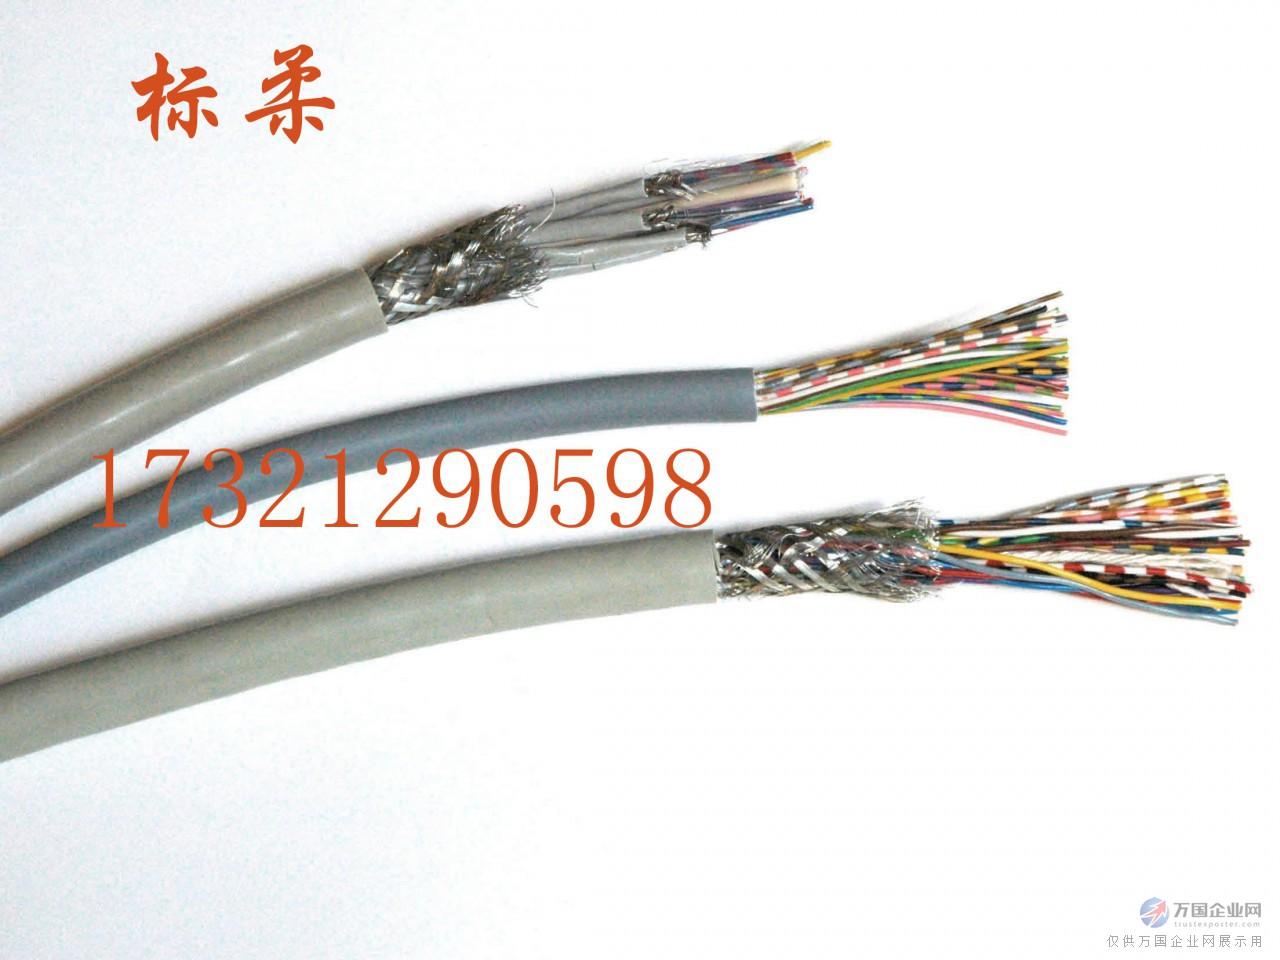 至 80°c;移动安装: -5°c 至 80°c   弯曲半径:7,5 x 电缆